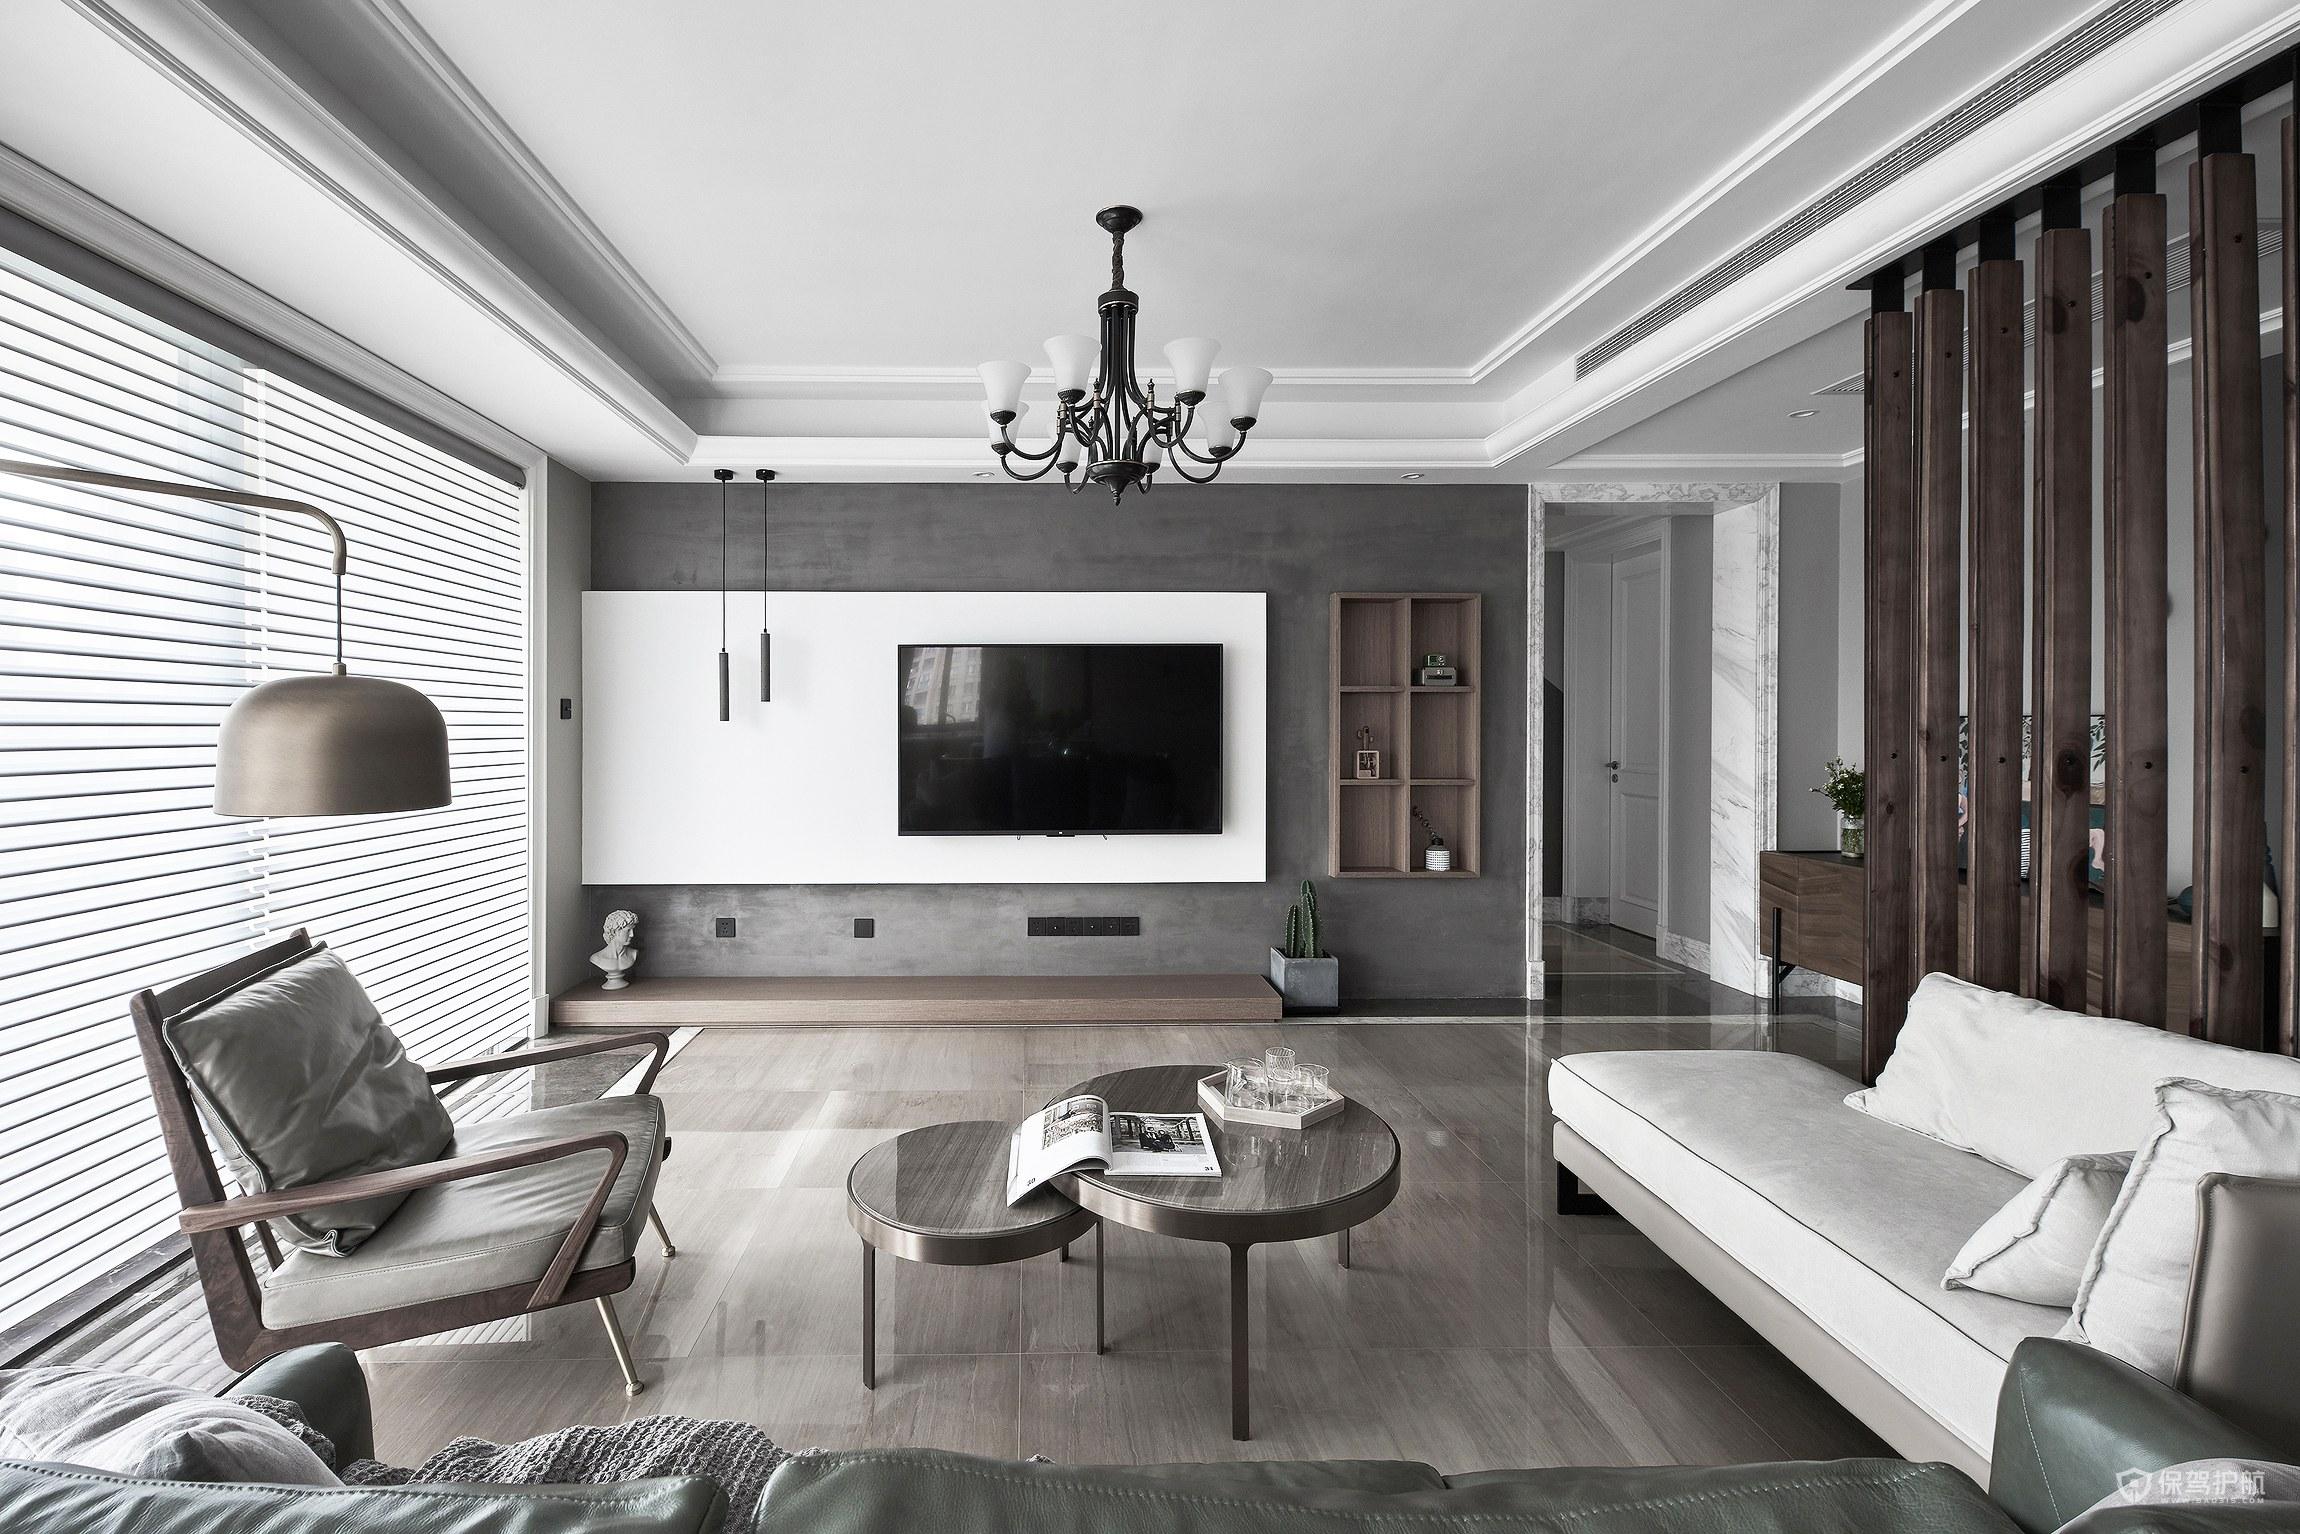 170平米房子装修预算 170平米房子装修效果图